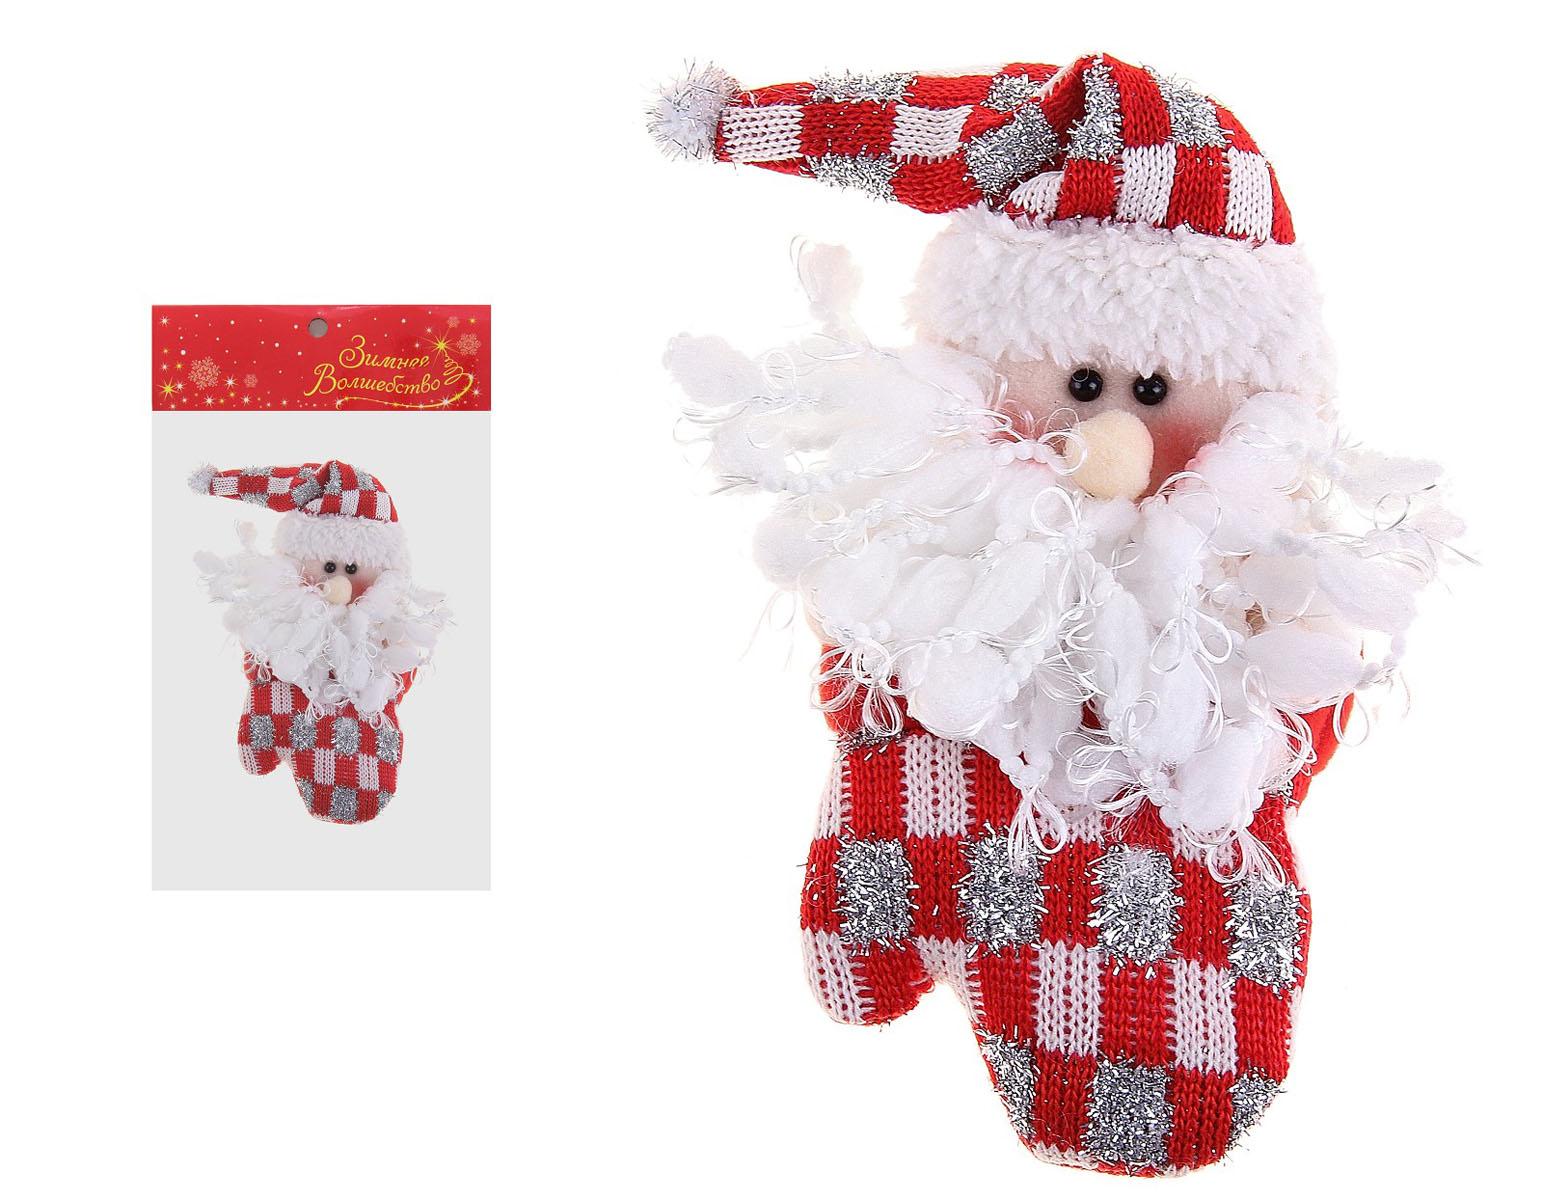 Новогоднее подвесное украшение Sima-land Дед Мороз. 721302721302Новогоднее украшение Sima-land Дед мороз отлично подойдет для декорации вашего дома и новогодней ели. Игрушка выполнена из текстиля в виде забавного Деда Мороза в варежке. Украшение декорировано серебристой нитью и оснащено специальной текстильной петелькой для подвешивания. Елочная игрушка - символ Нового года. Она несет в себе волшебство и красоту праздника. Создайте в своем доме атмосферу веселья и радости, украшая всей семьей новогоднюю елку нарядными игрушками, которые будут из года в год накапливать теплоту воспоминаний. Коллекция декоративных украшений из серии Зимнее волшебство принесет в ваш дом ни с чем не сравнимое ощущение праздника!